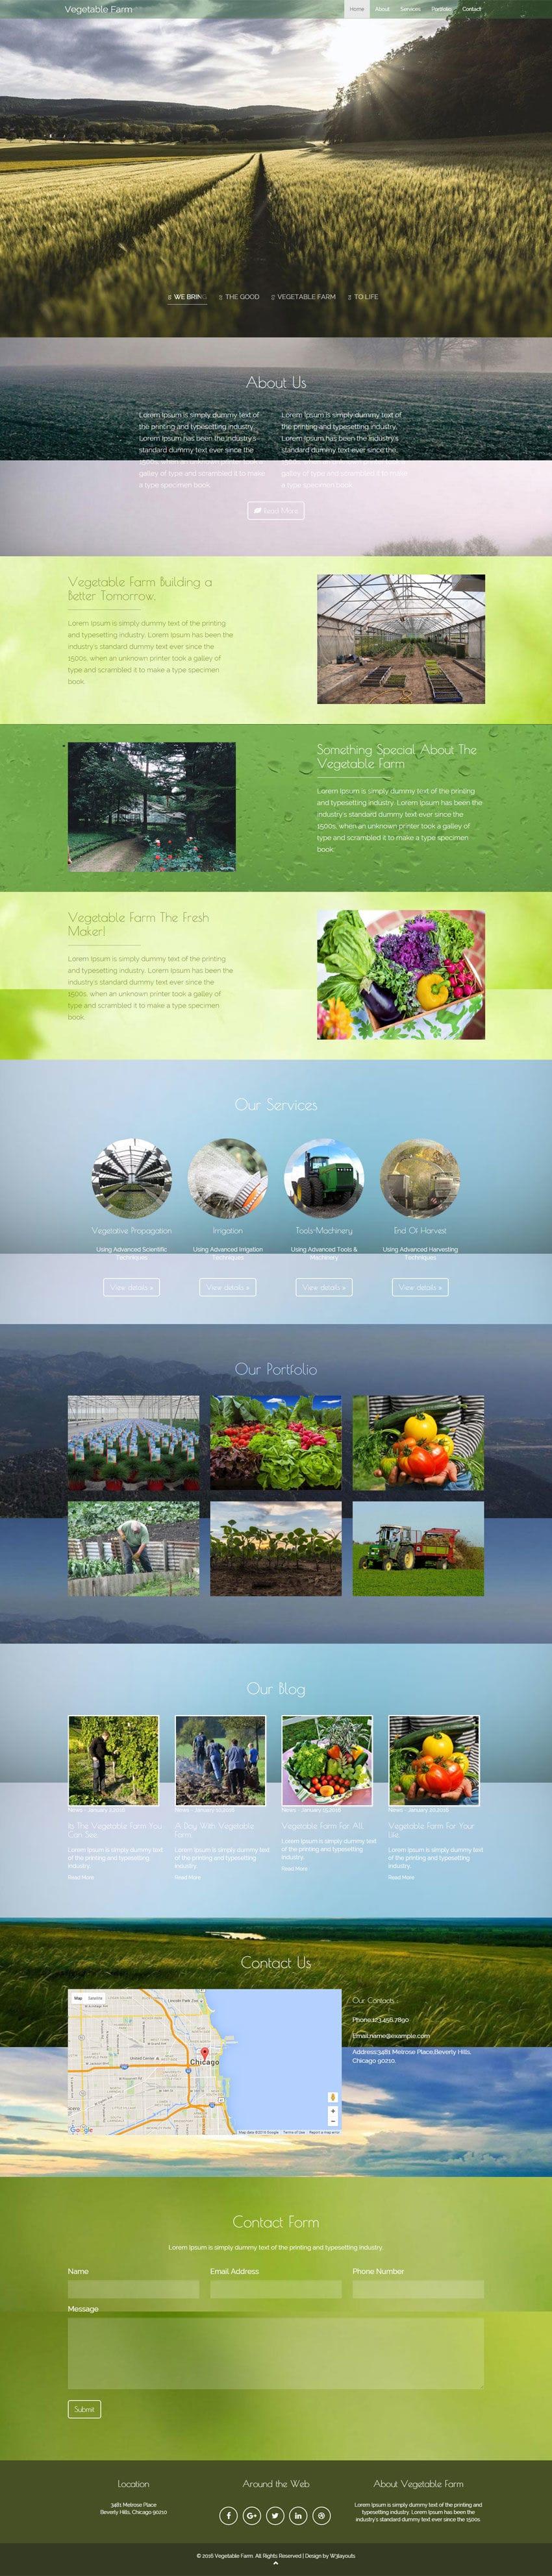 vegetable_farm-full